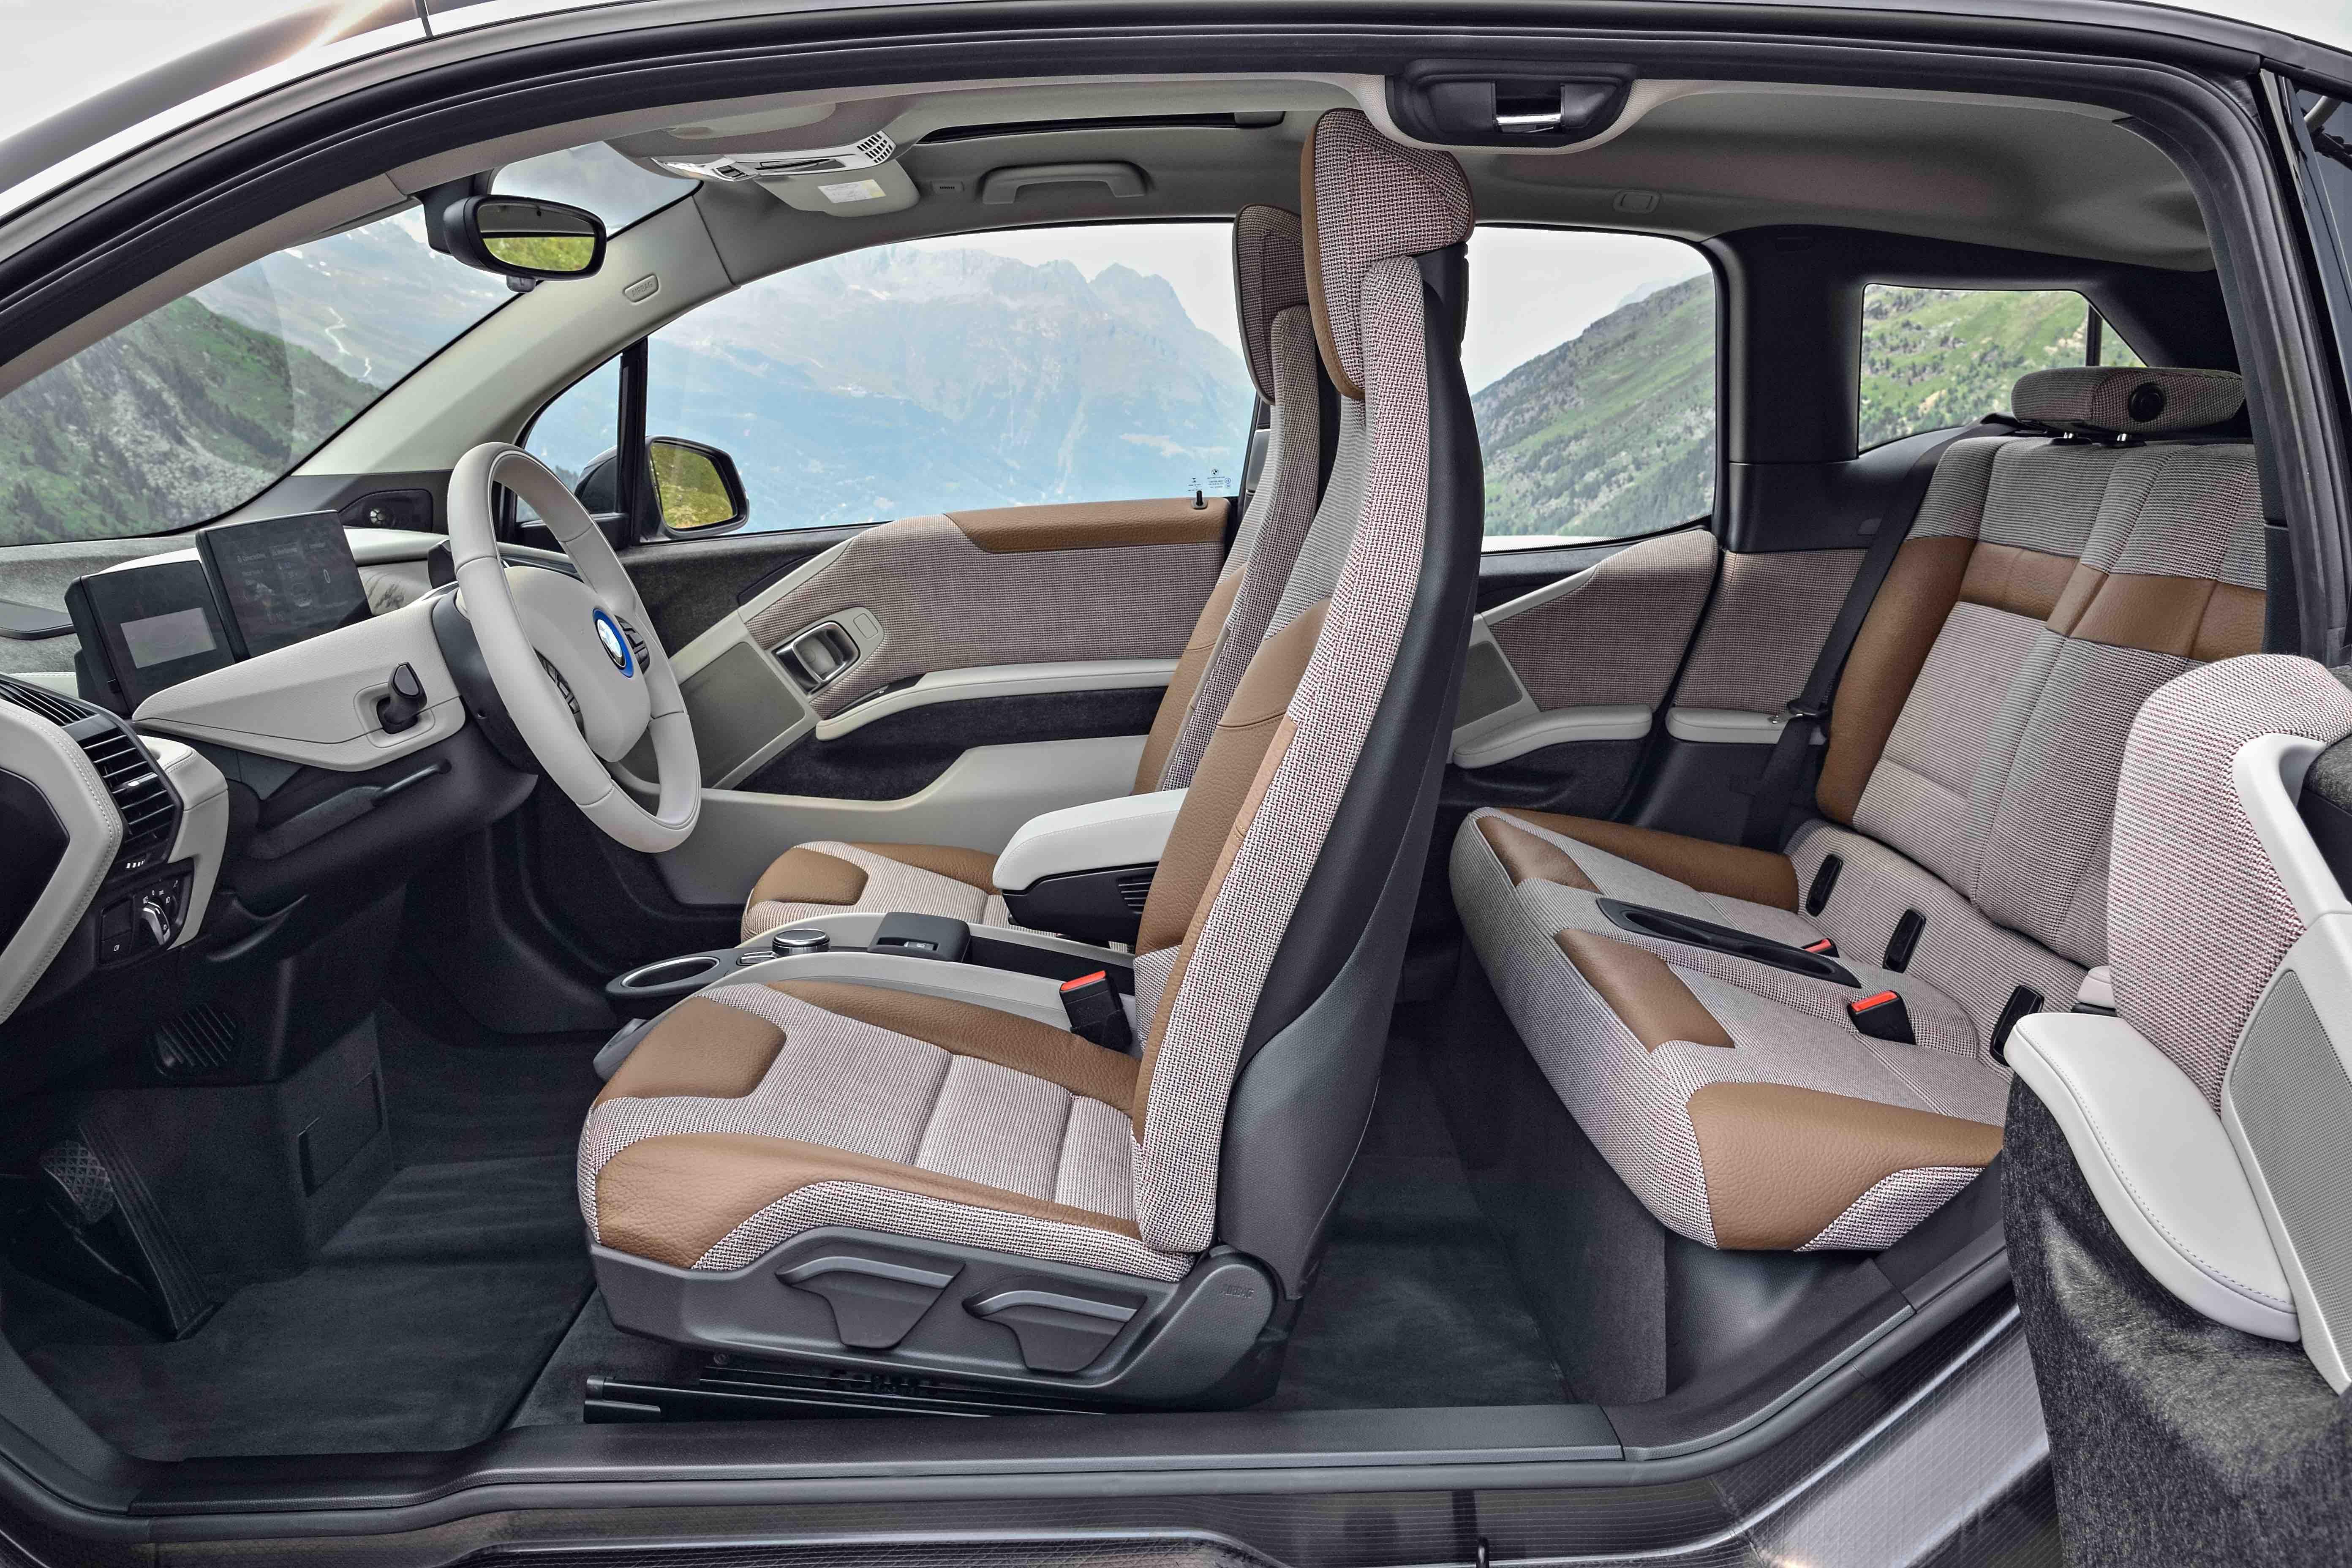 Como o modelo anterior, novo i3 requer abrir as portas dianteiras antes das traseiras. Não há coluna central